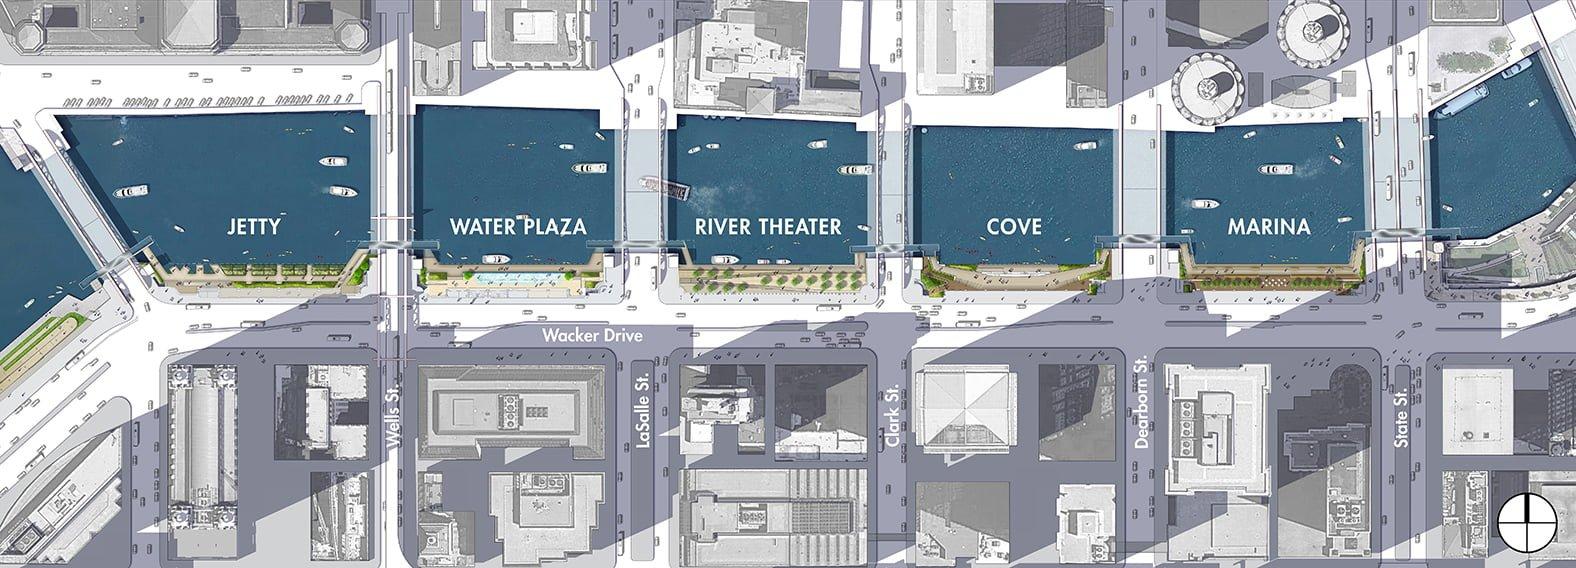 chicago-riverwalk_03-3